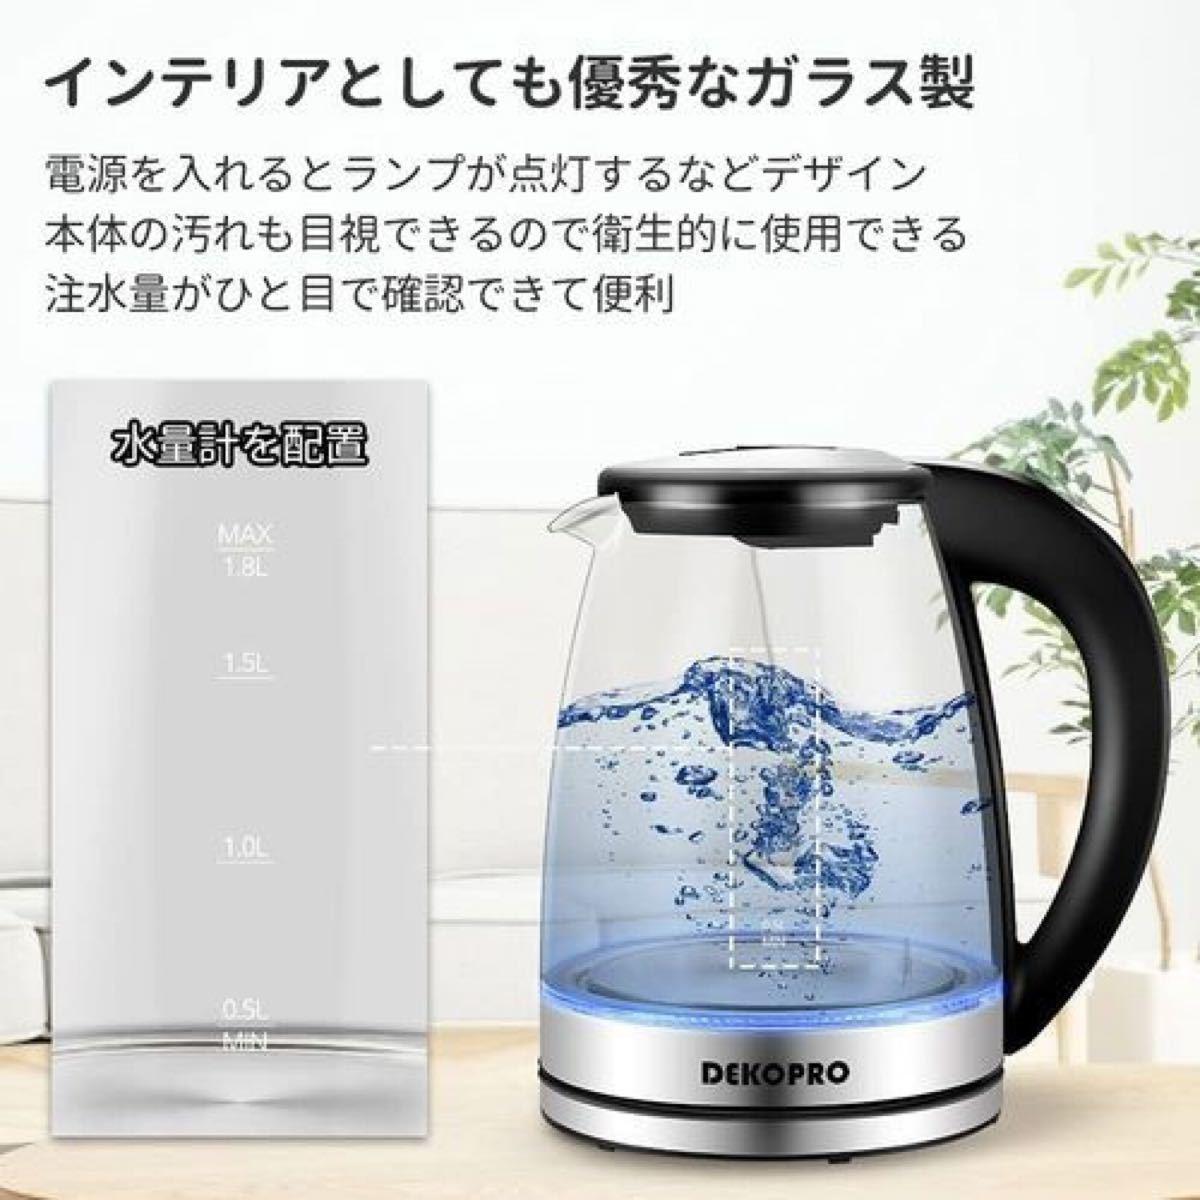 ☆ガラスが映える☆電気ケトル 大容量 ガラスケトル